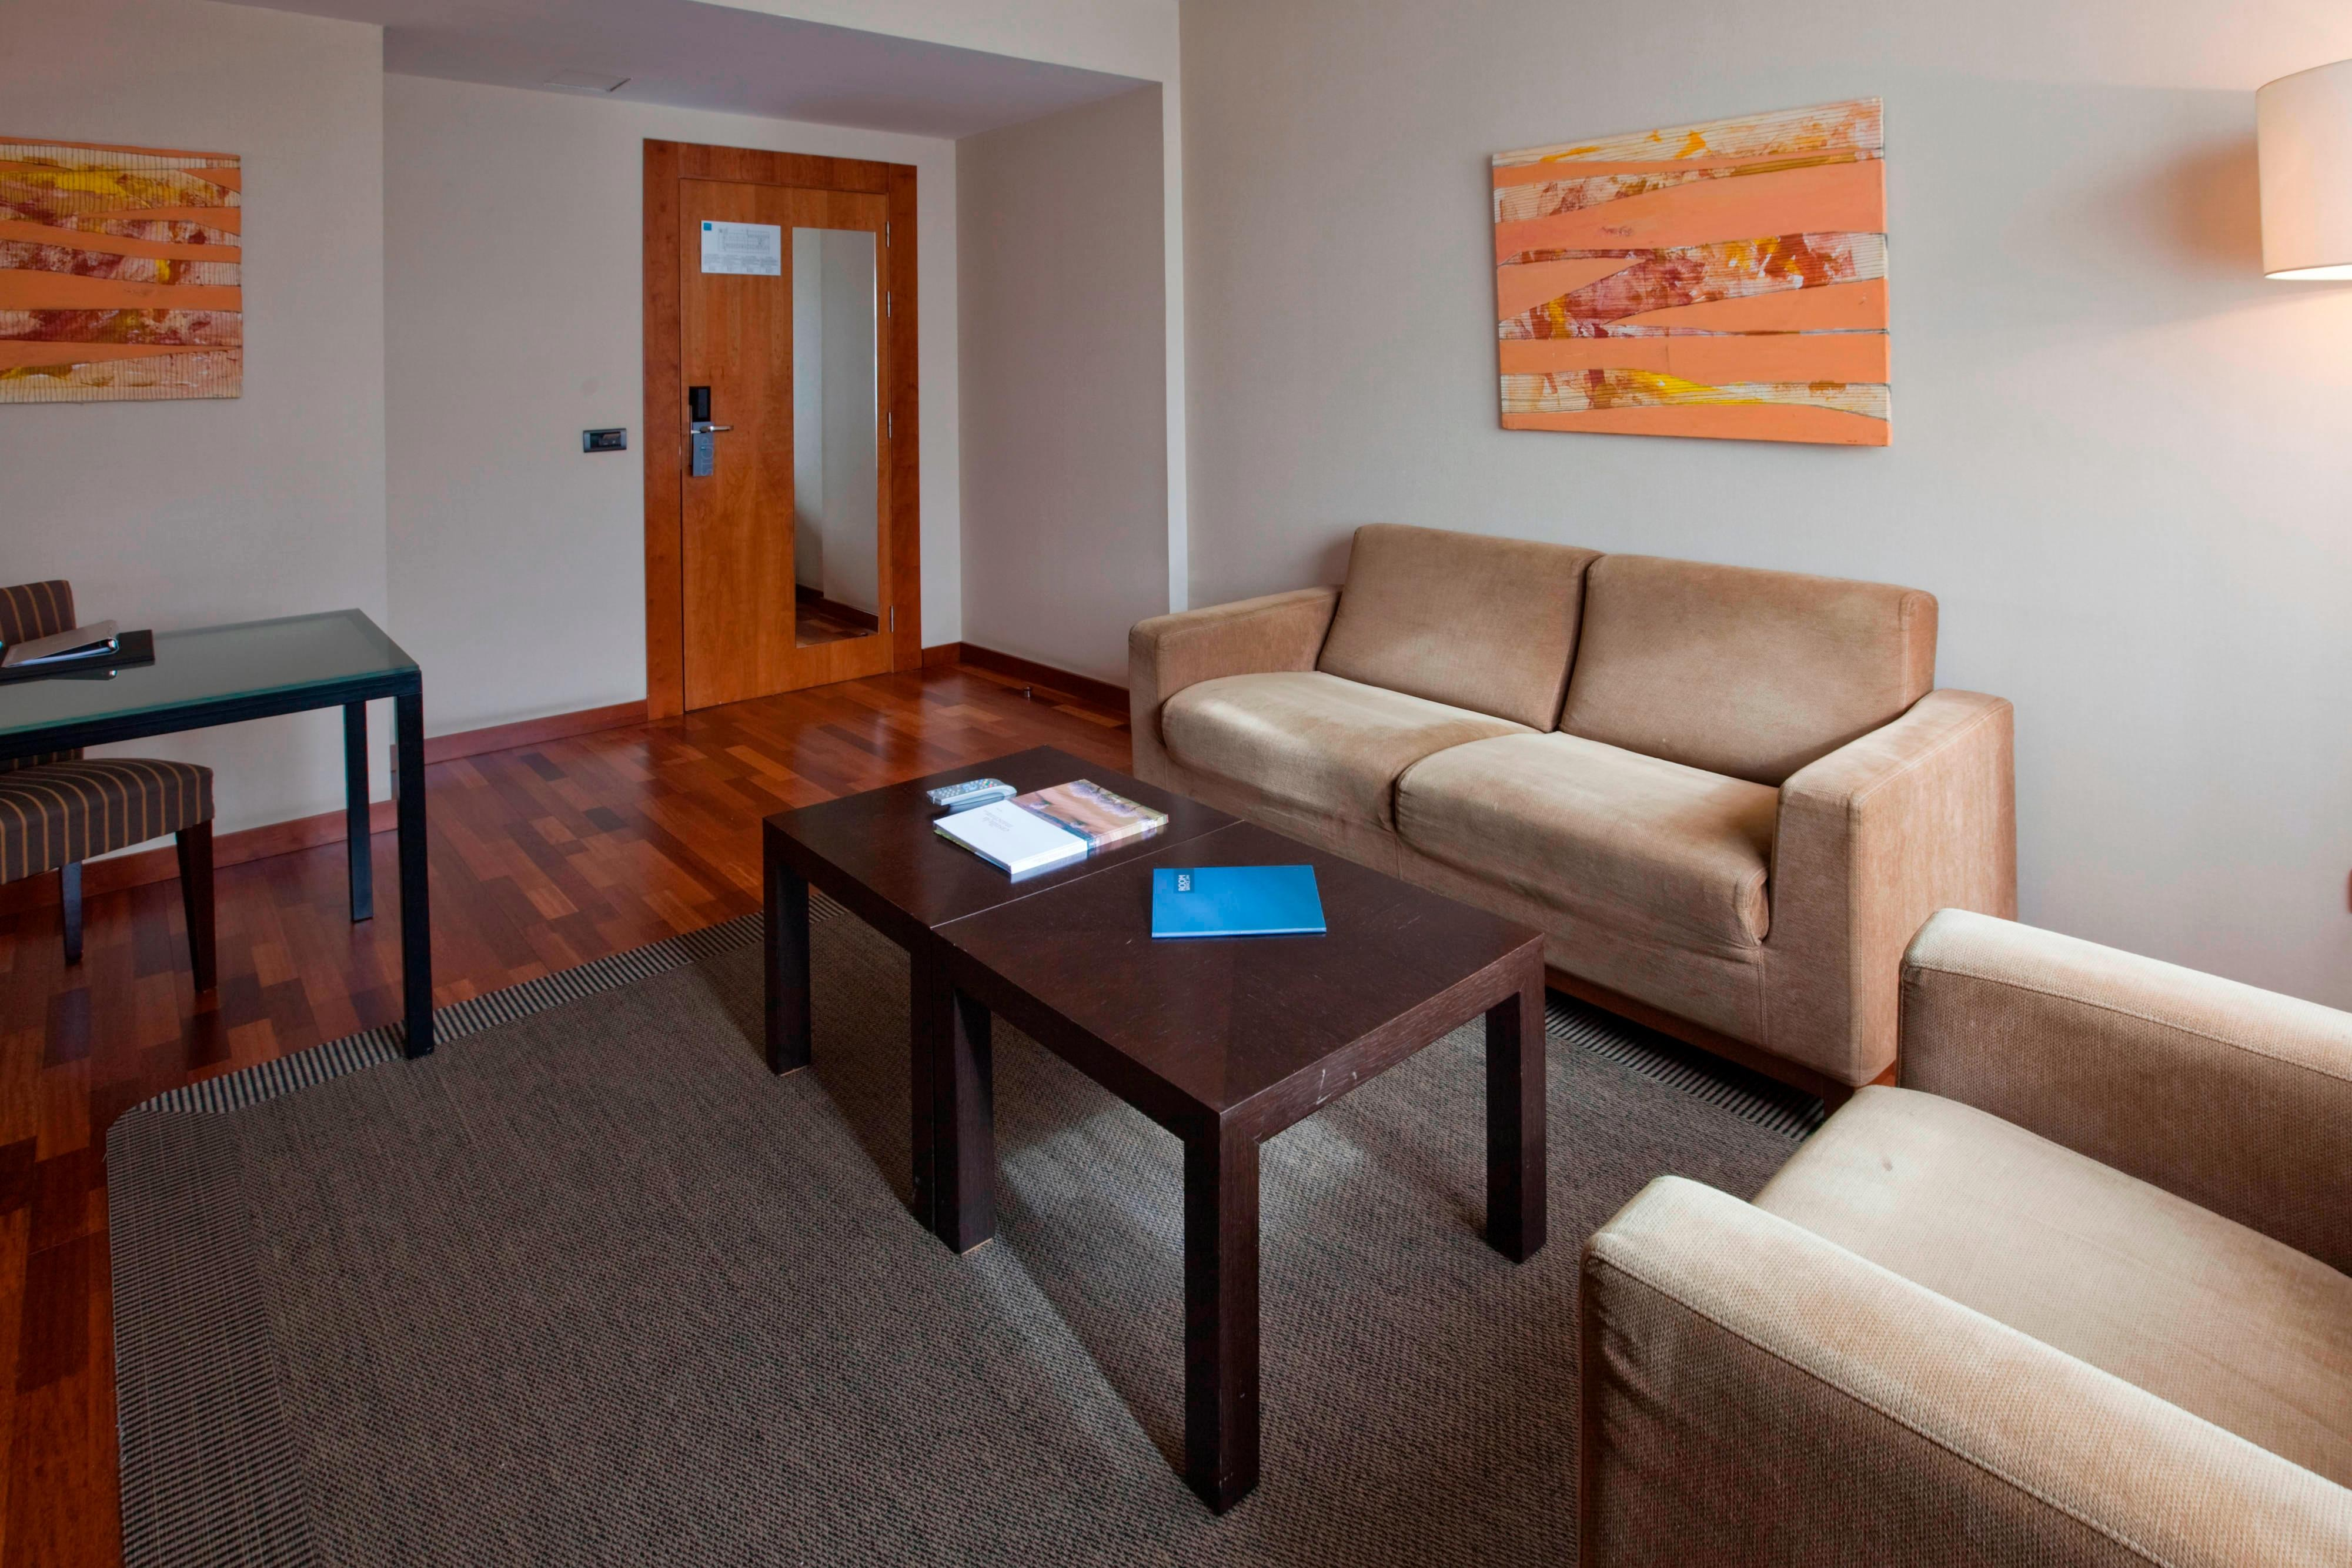 Chambres de suite à l'hôtel de Guadalajara